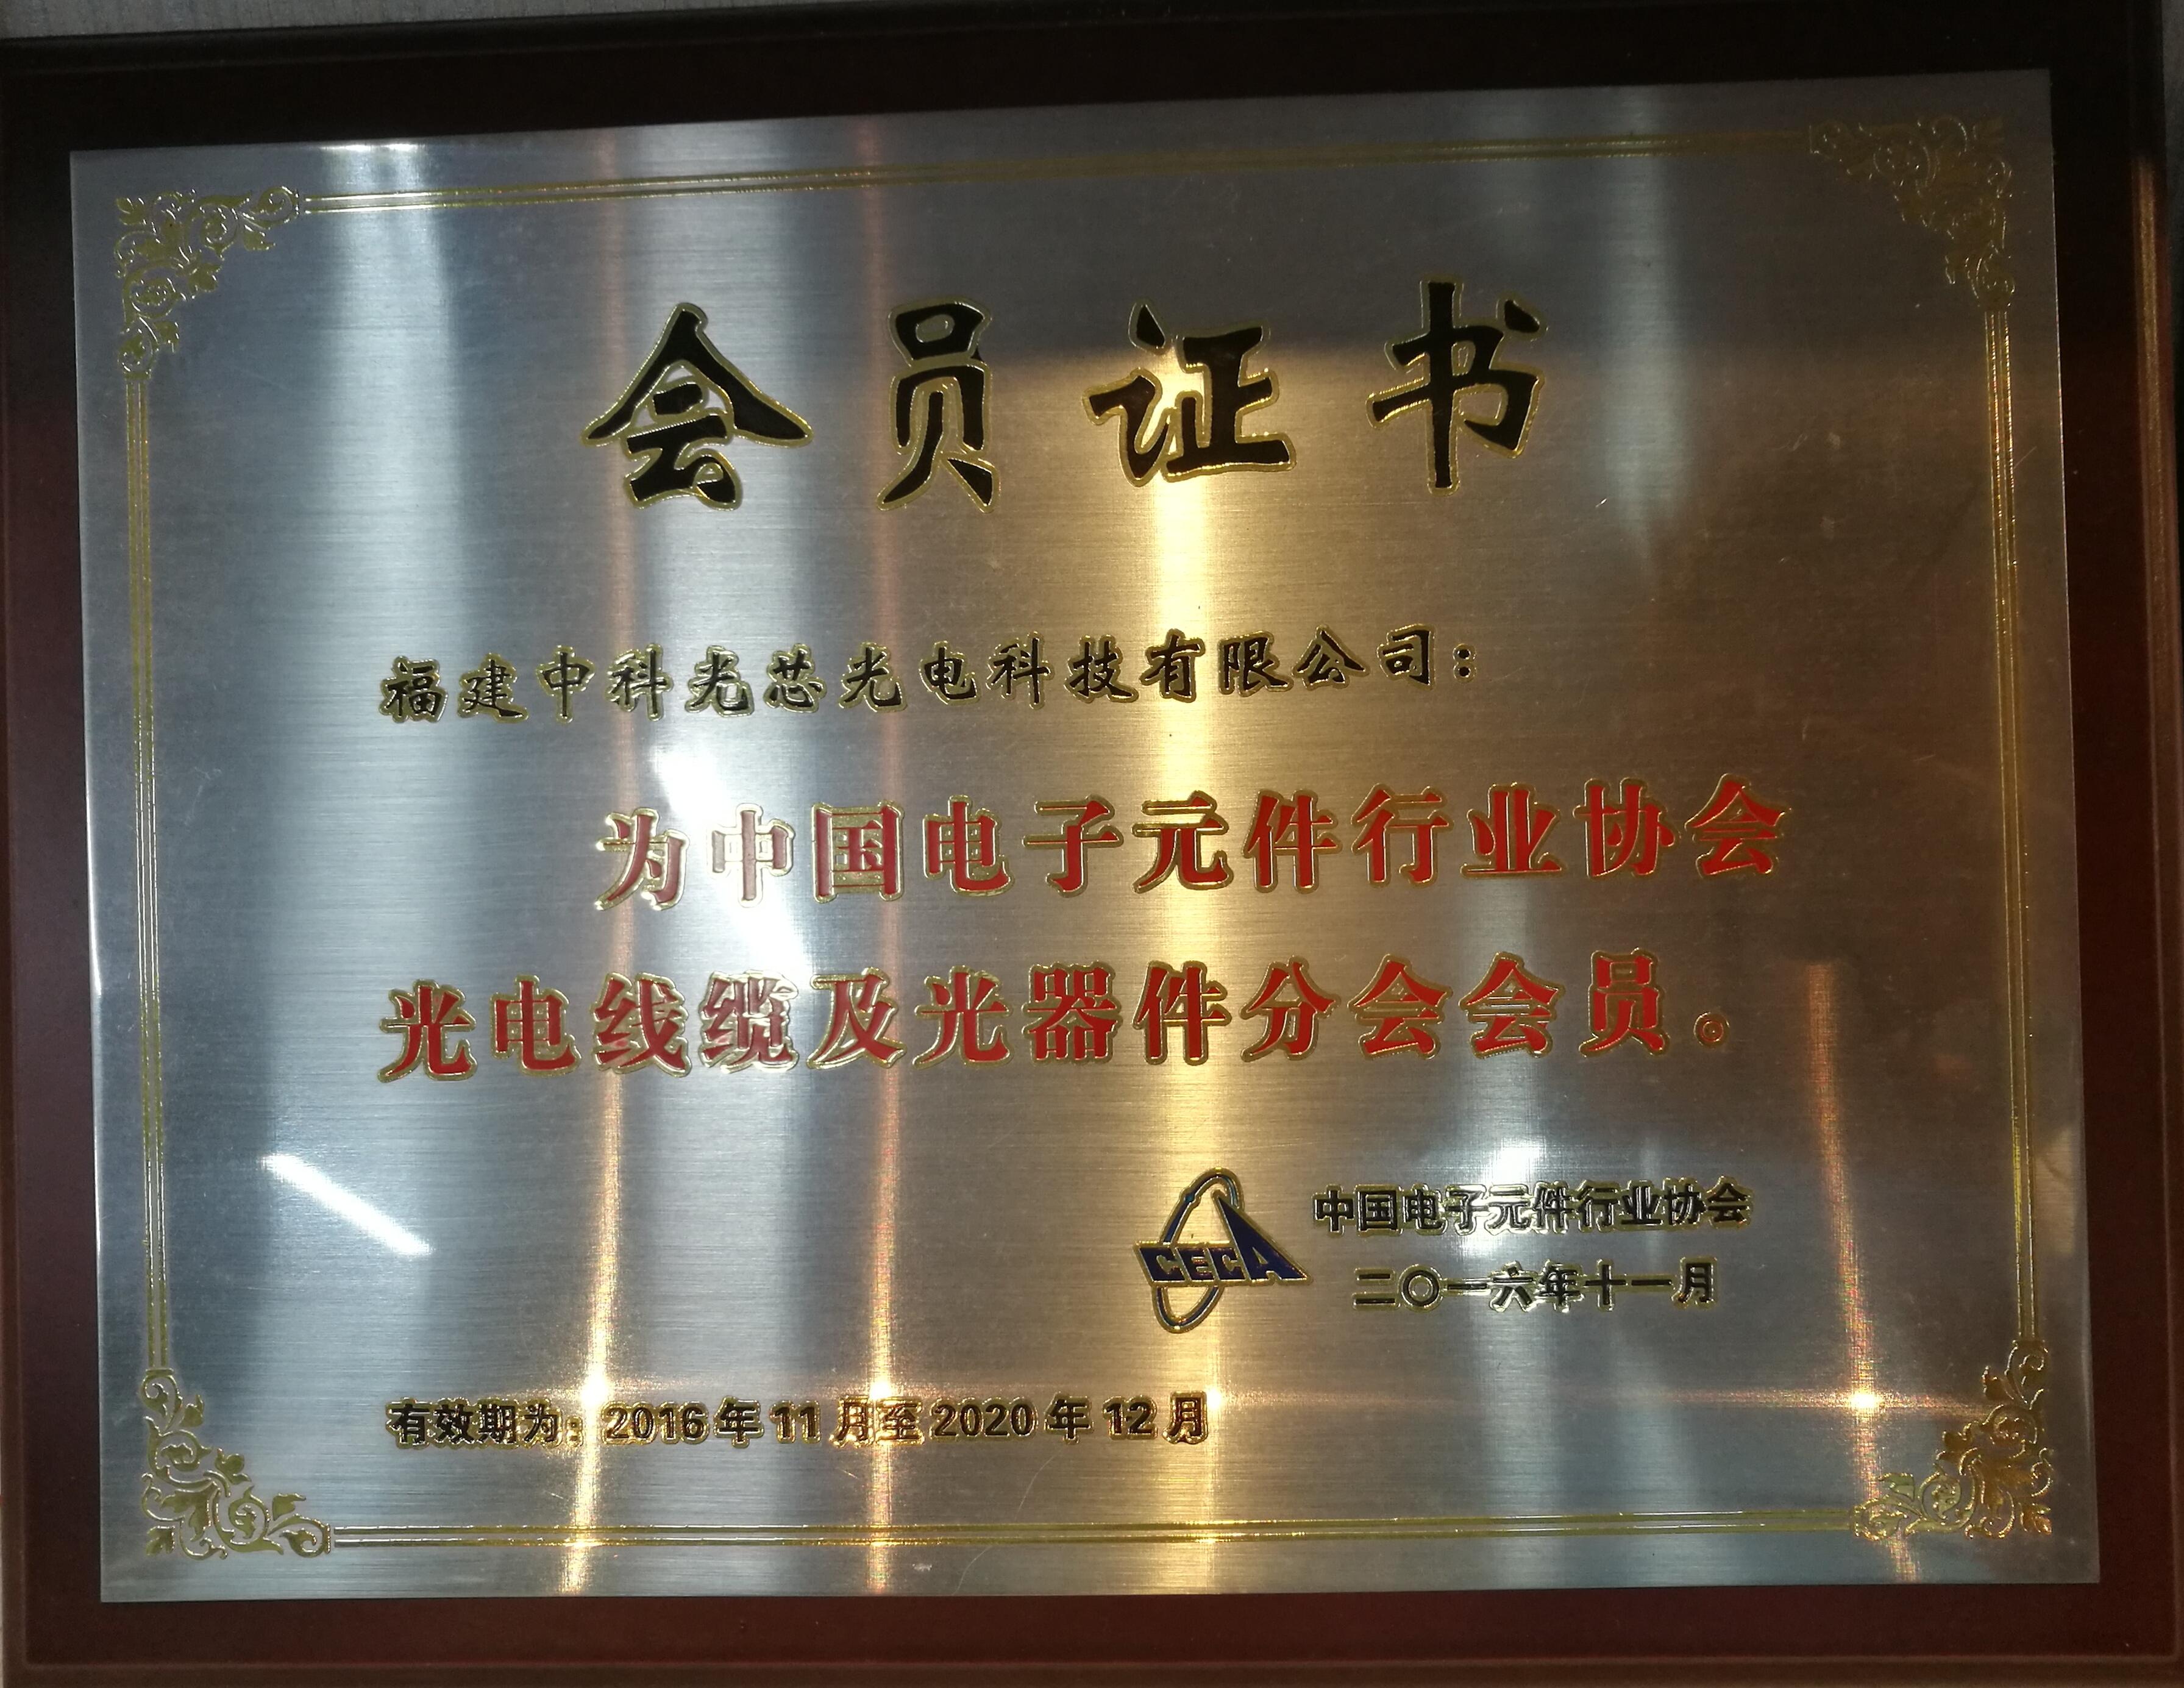 中國電子元件行業協會光電線纜及光器件分會會員